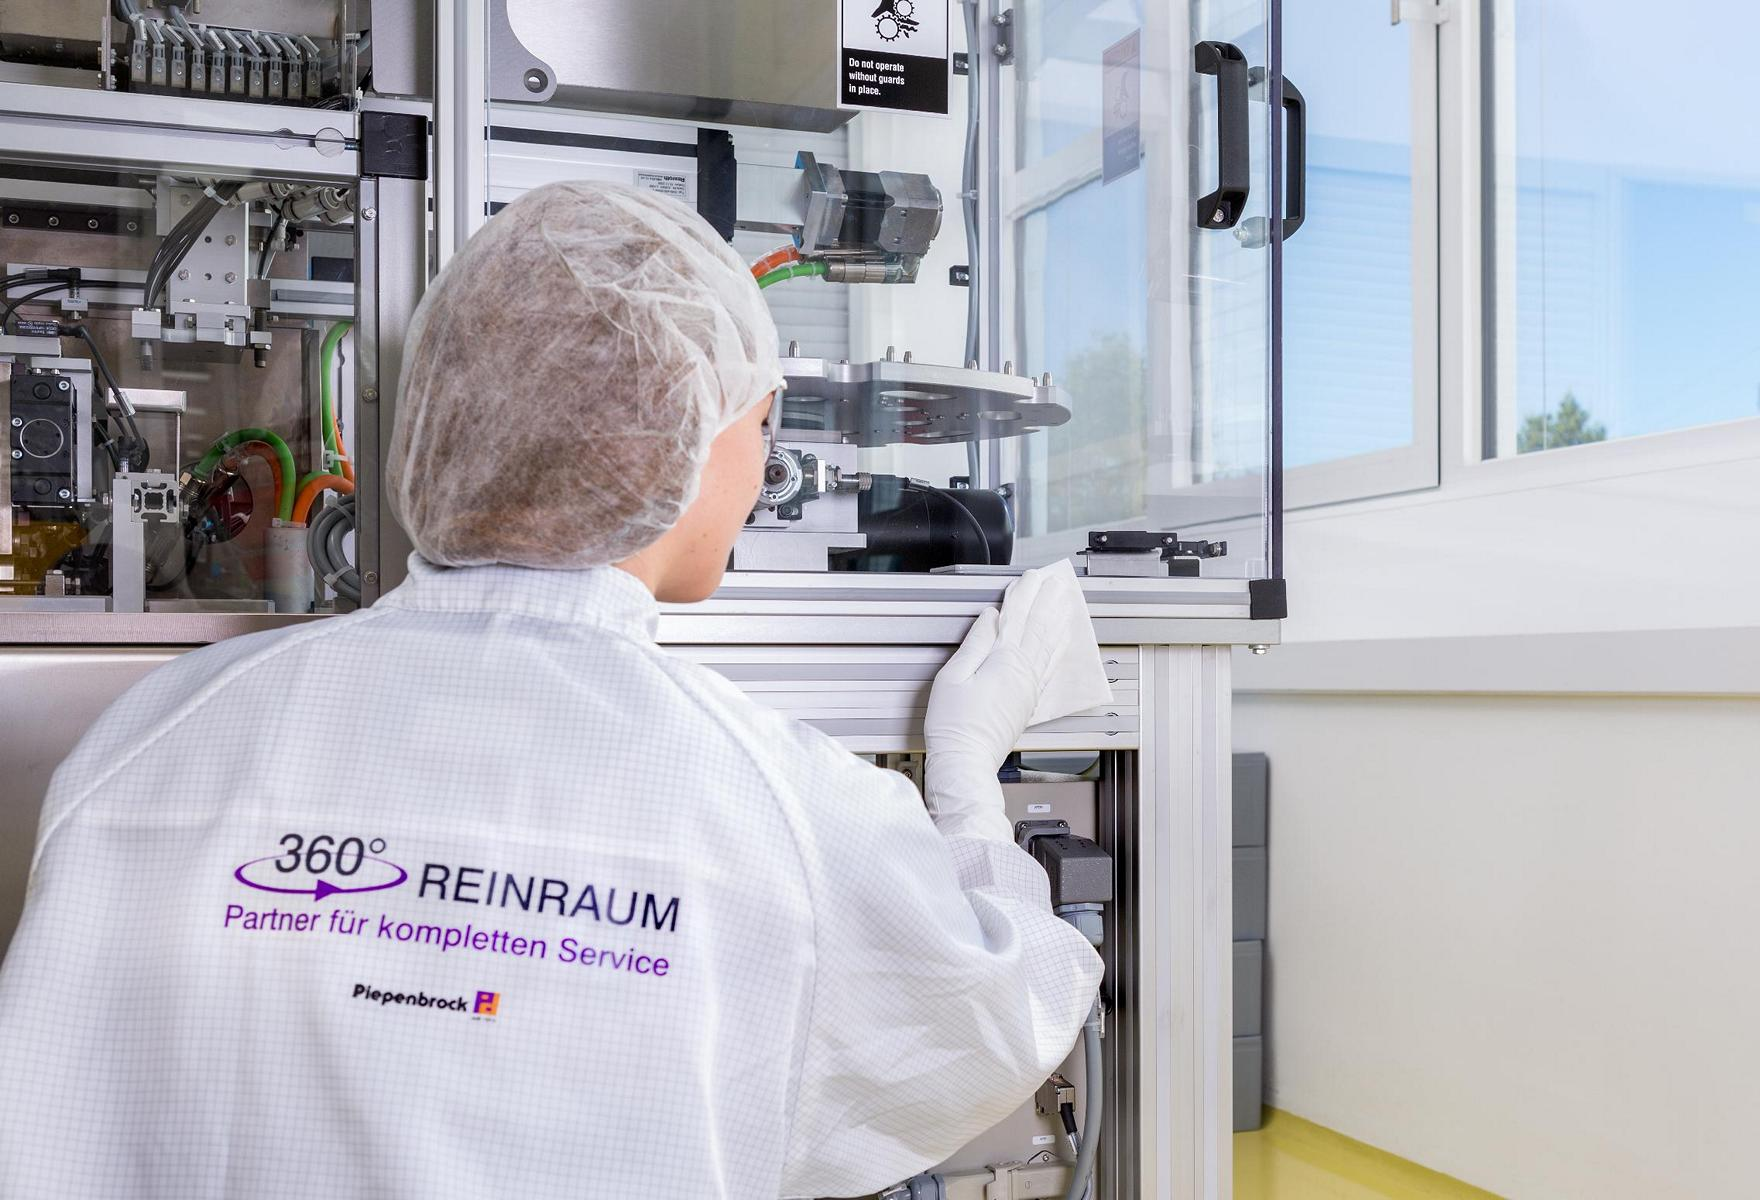 Bild der Piepenbrock Dienstleistungen GmbH & Co. KG   Gebäudereinigung   Facility Management    Sicherheit